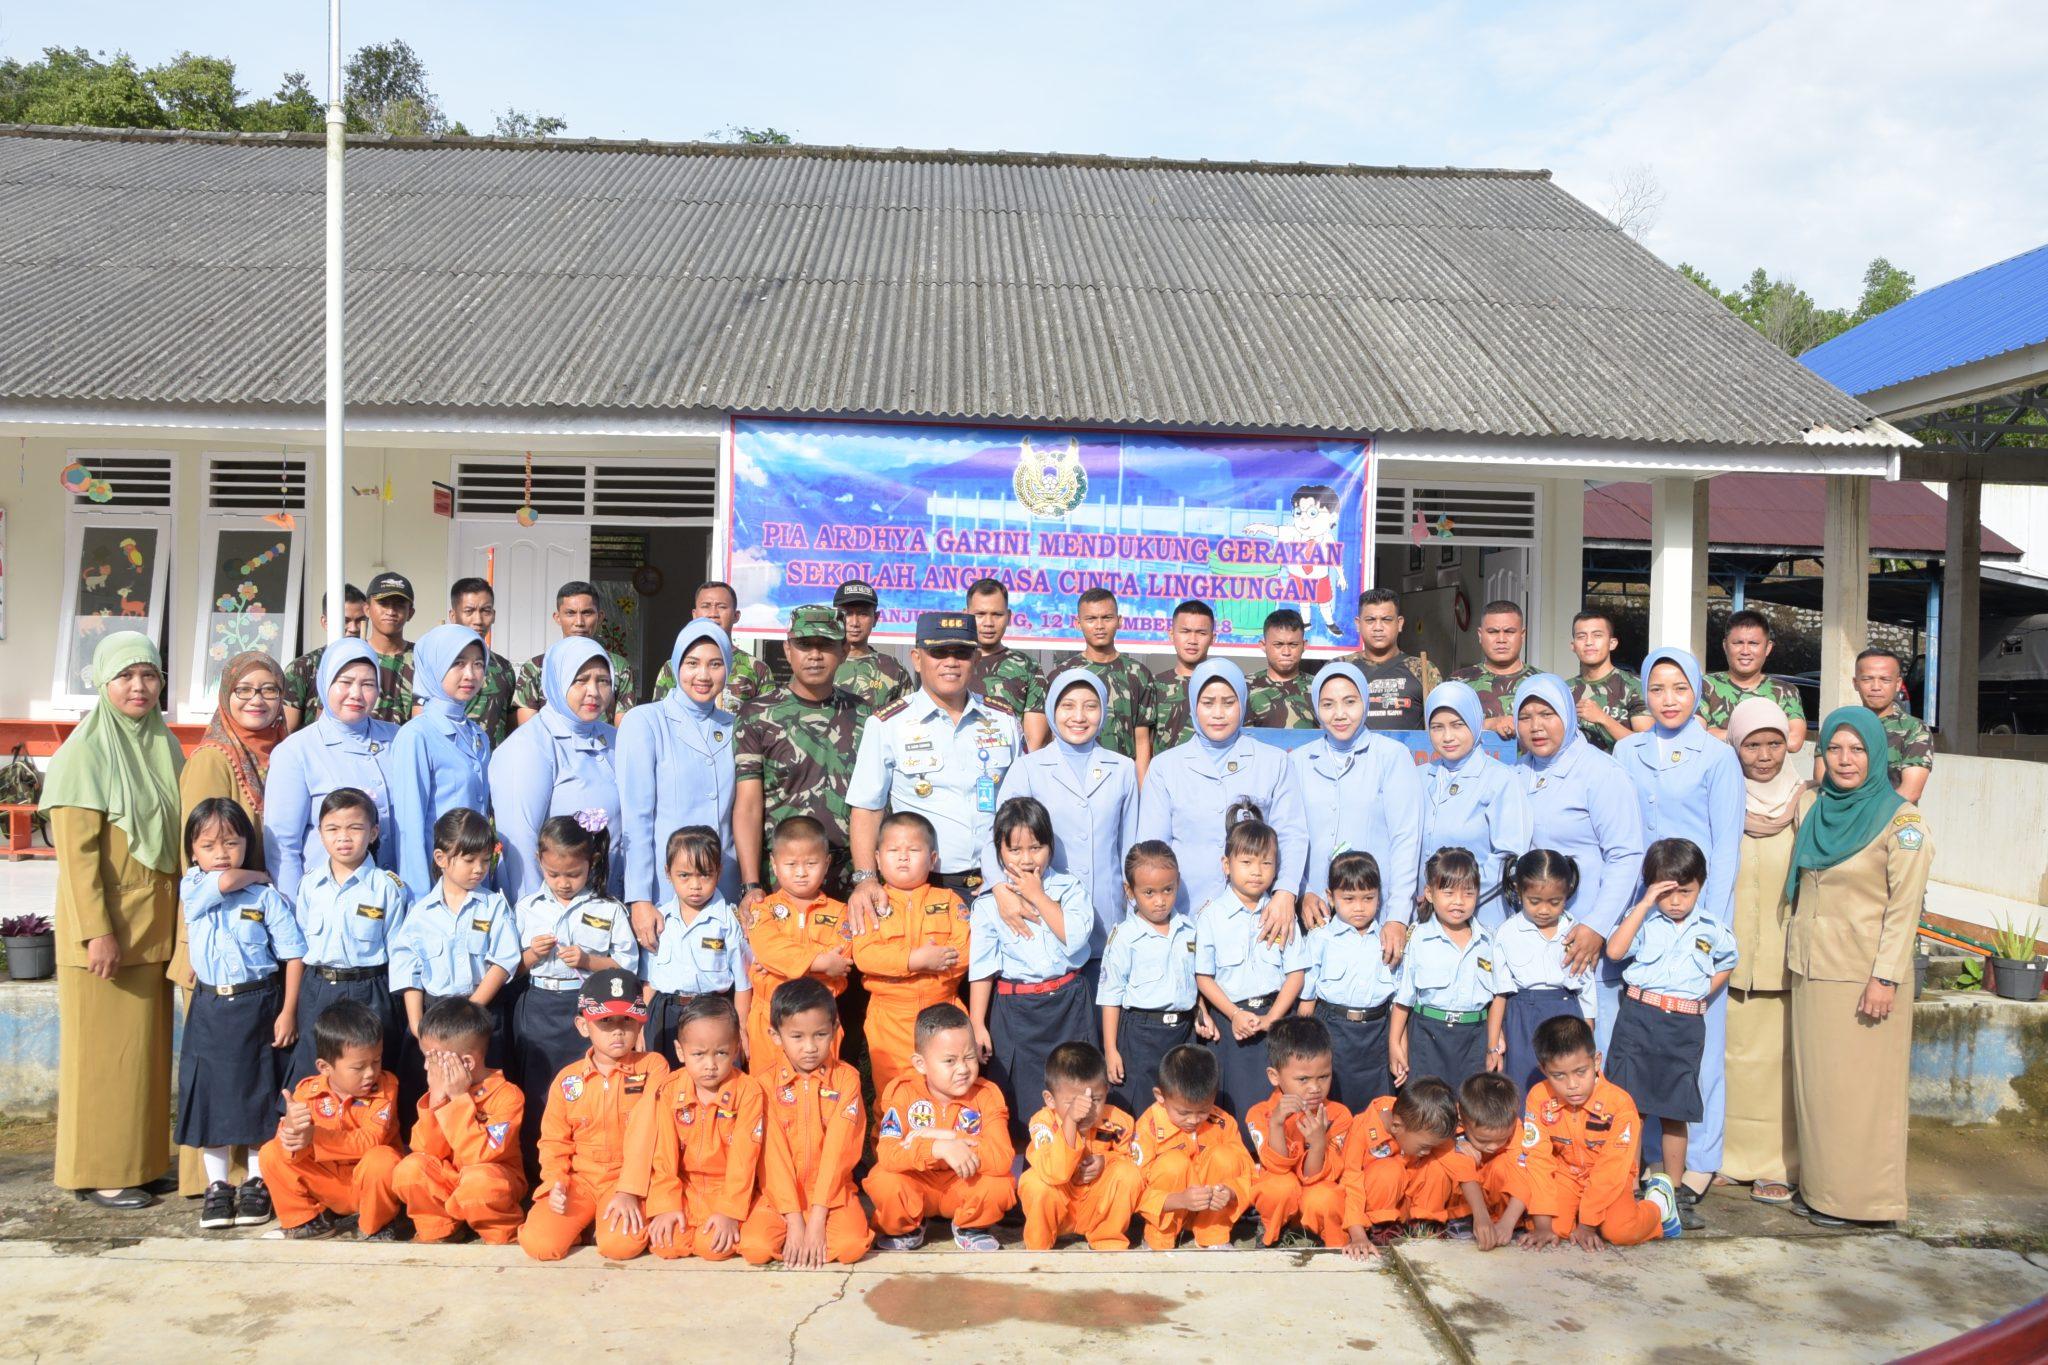 PIA Ardhya Garini Lanud Raja Haji Fisabilillah Laksanakan Gerakan Sekolah Angkasa Cinta Lingkungan